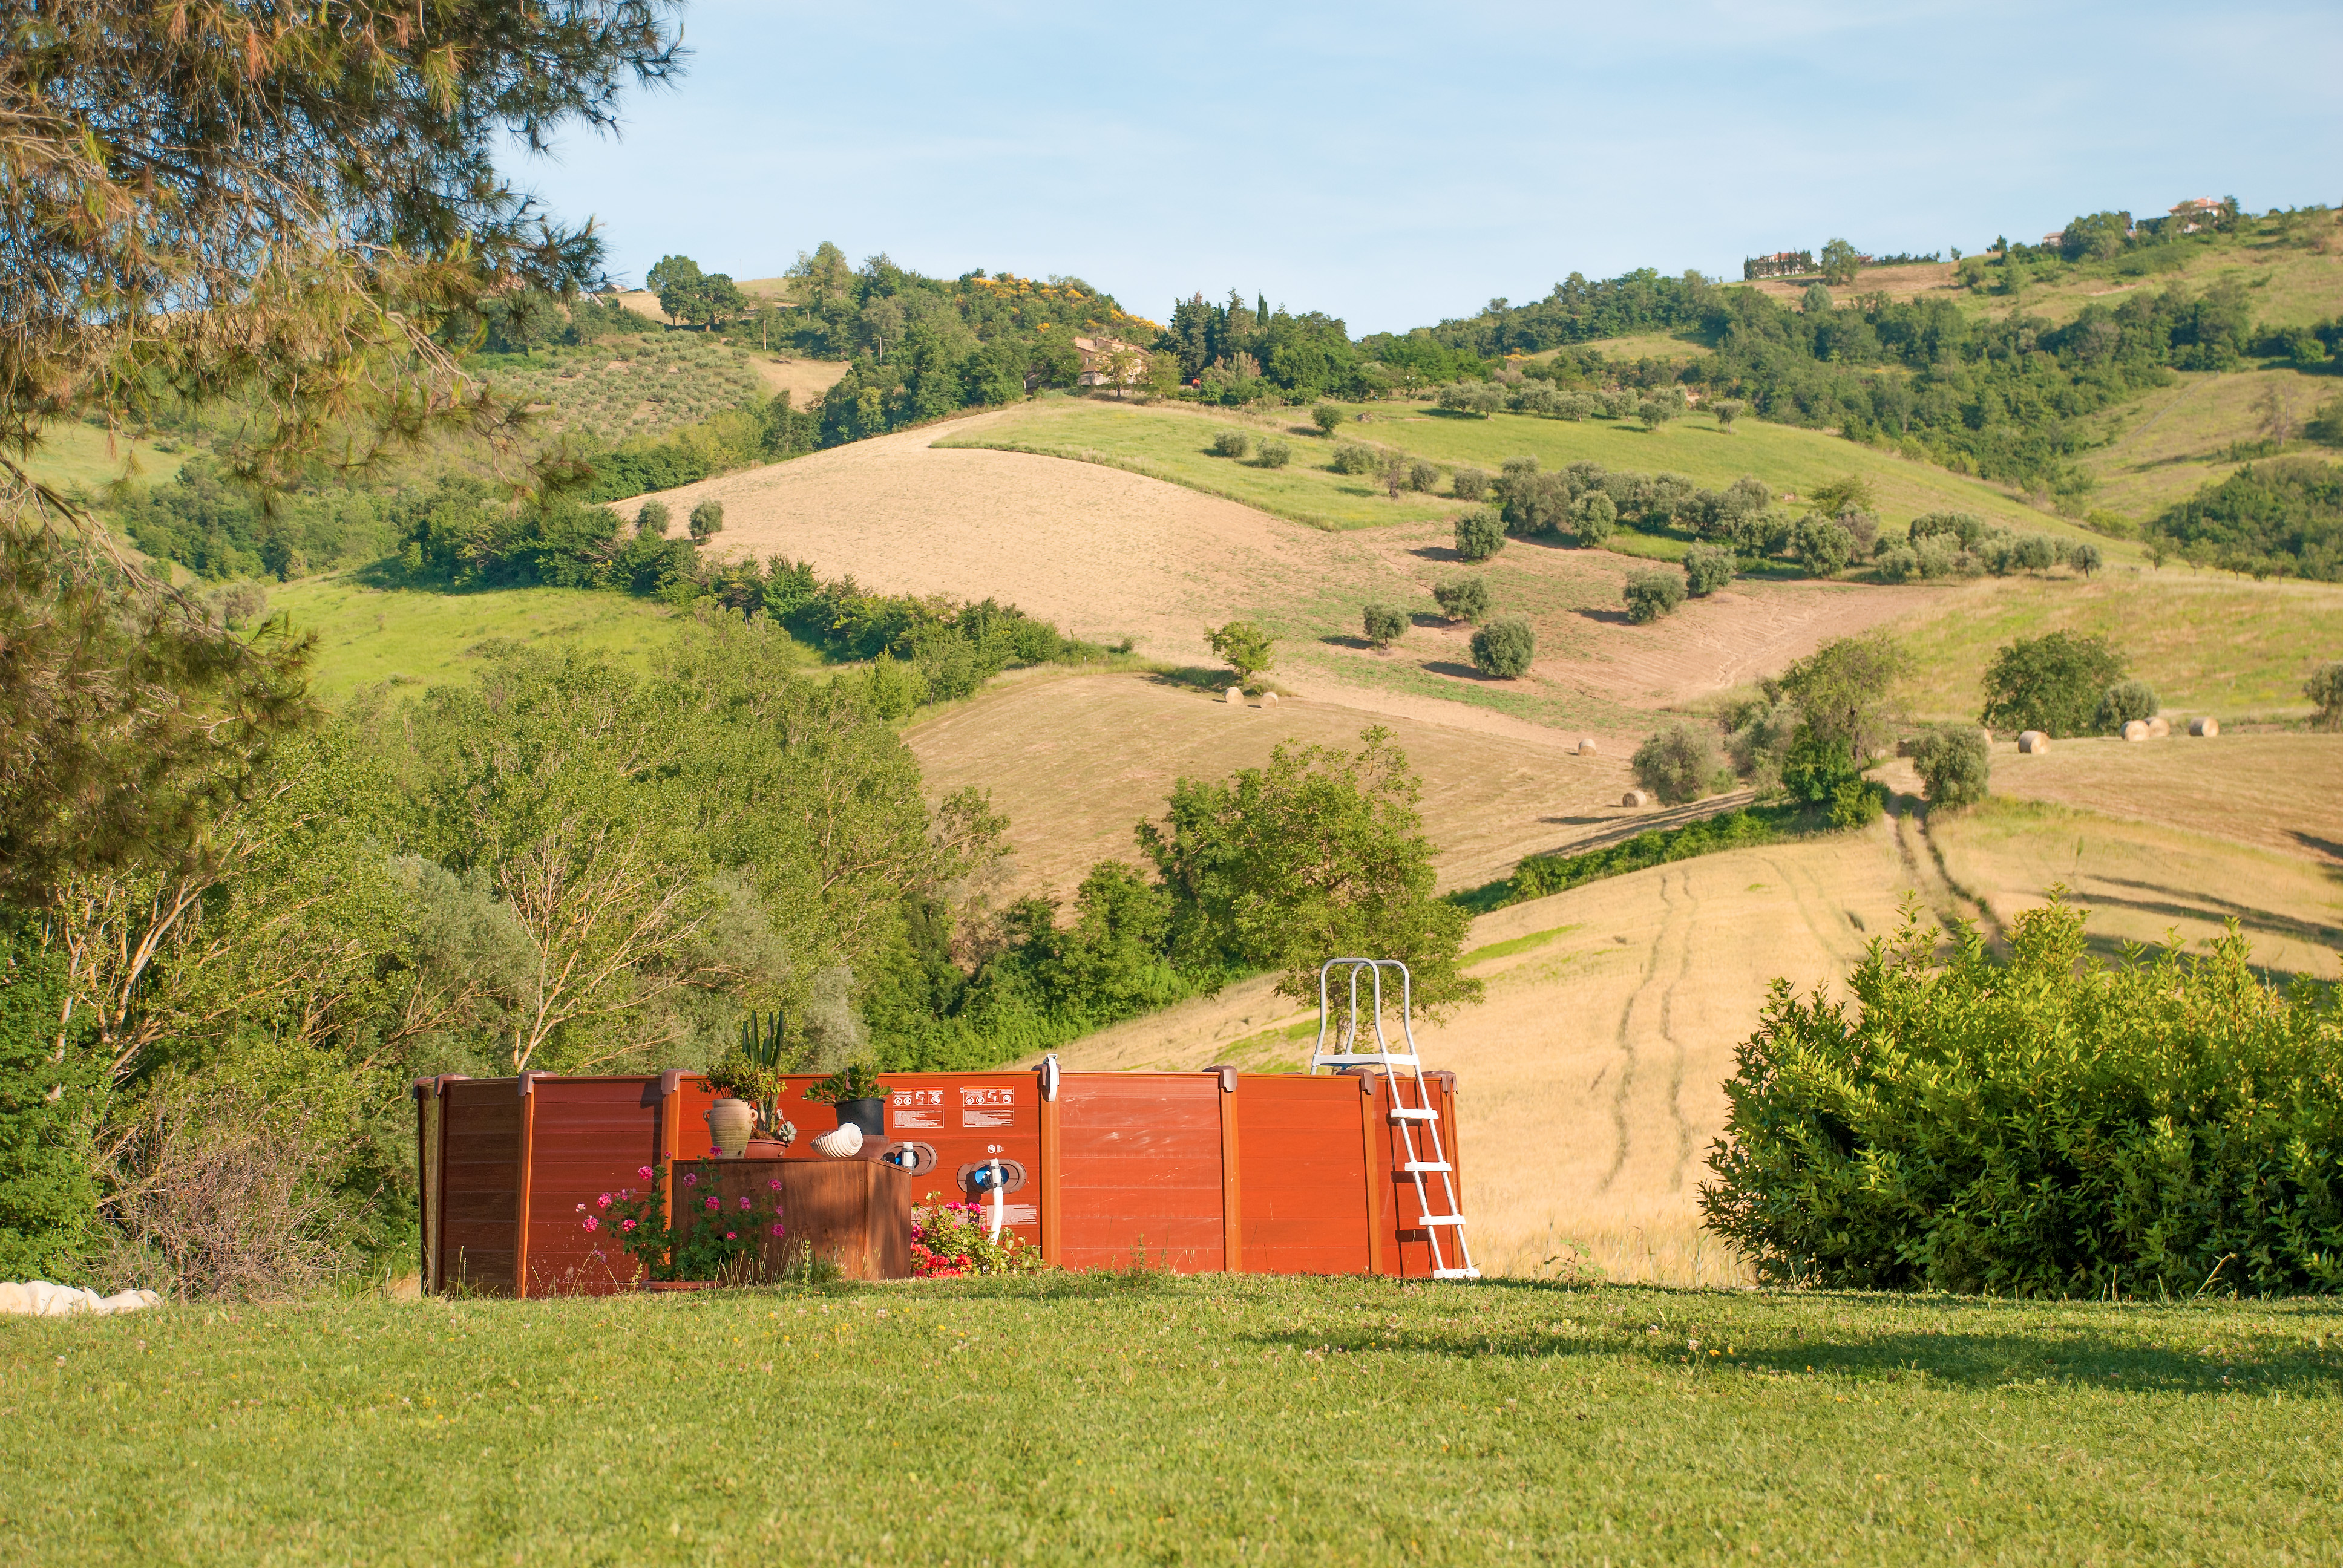 Ferienwohnung Il Casale di Giovanna - Rosemary (2123980), San Venanzo, Ascoli Piceno, Marken, Italien, Bild 6